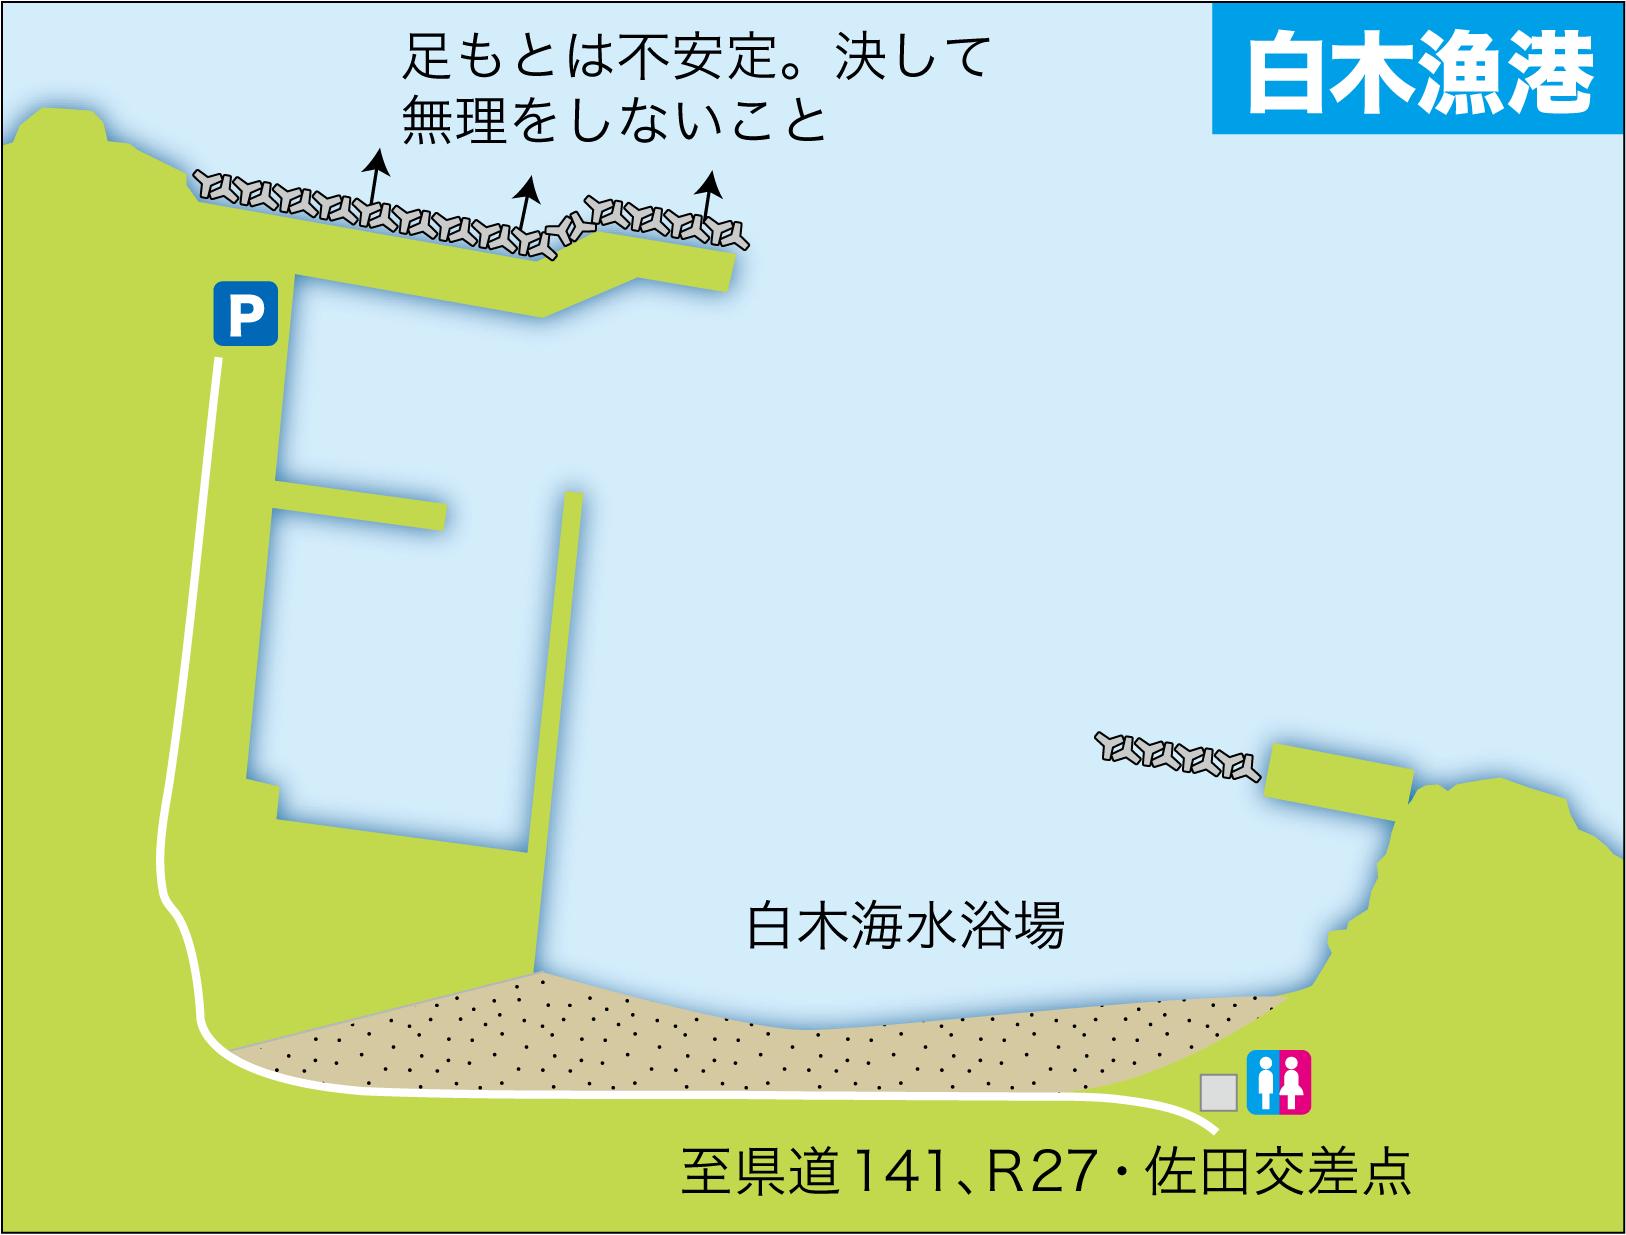 ガシラ・メバル釣り場6